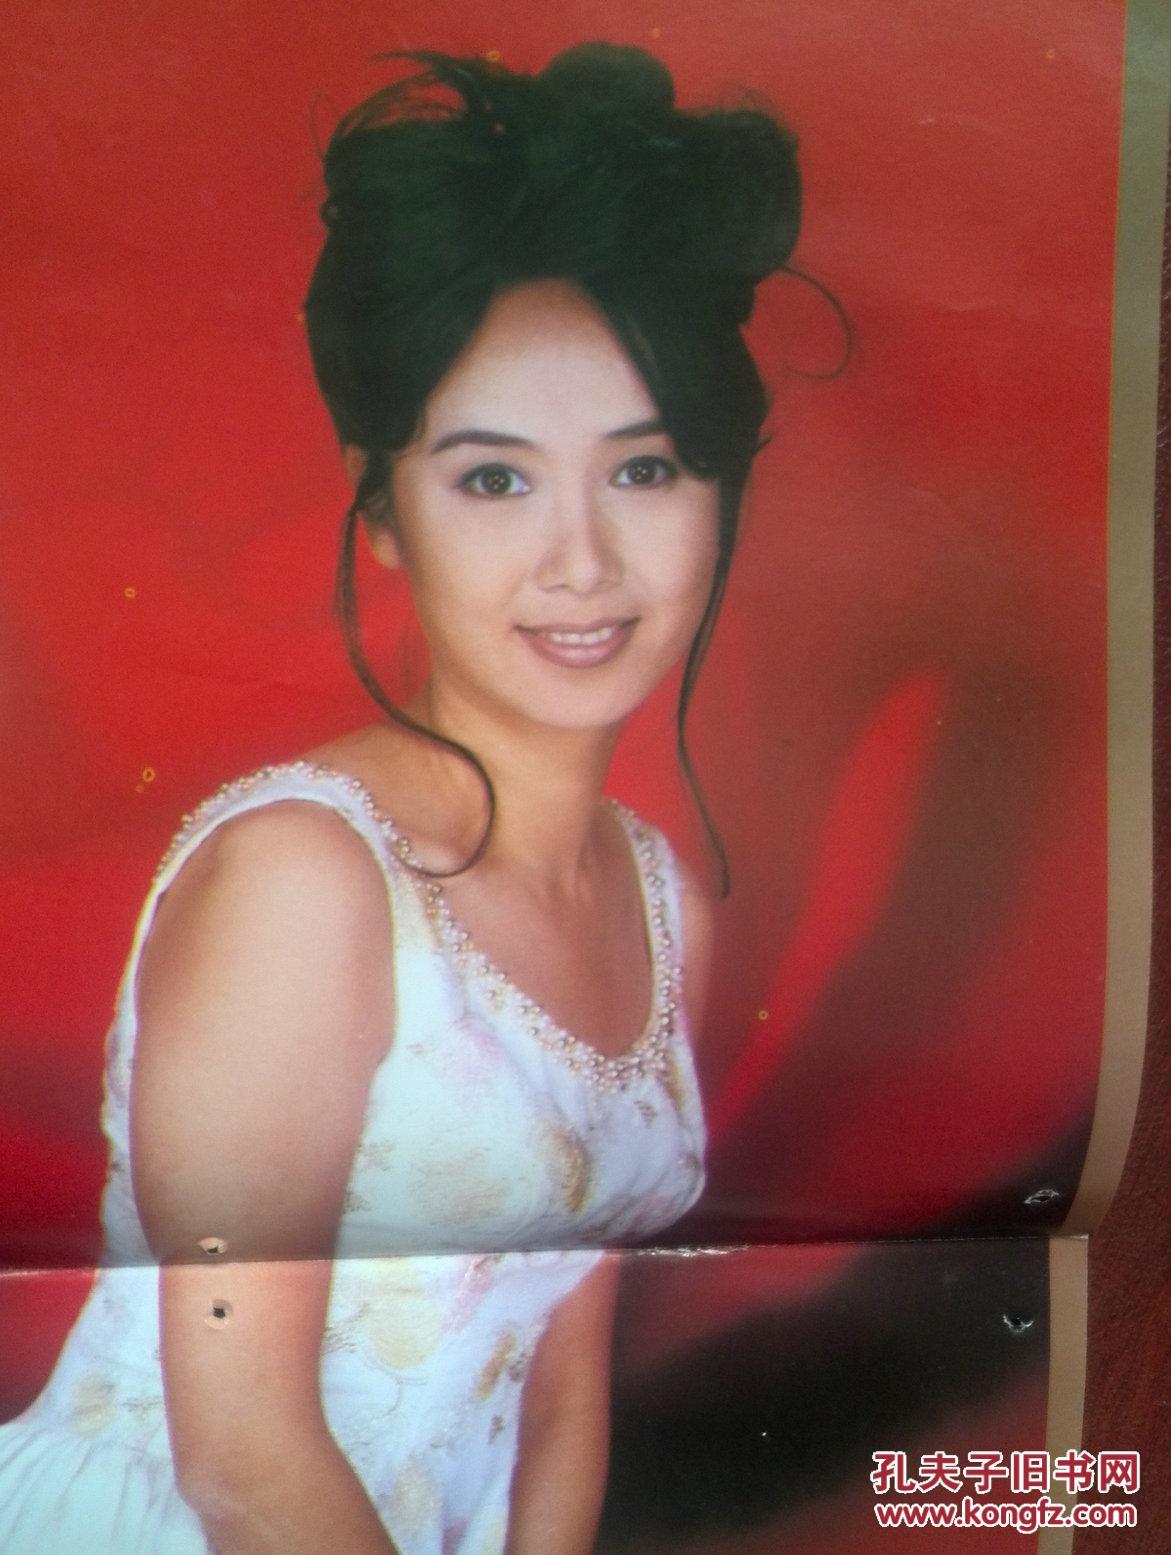 彩铜版美女明星海报插页蒋雯丽,王茜,侯继林图片